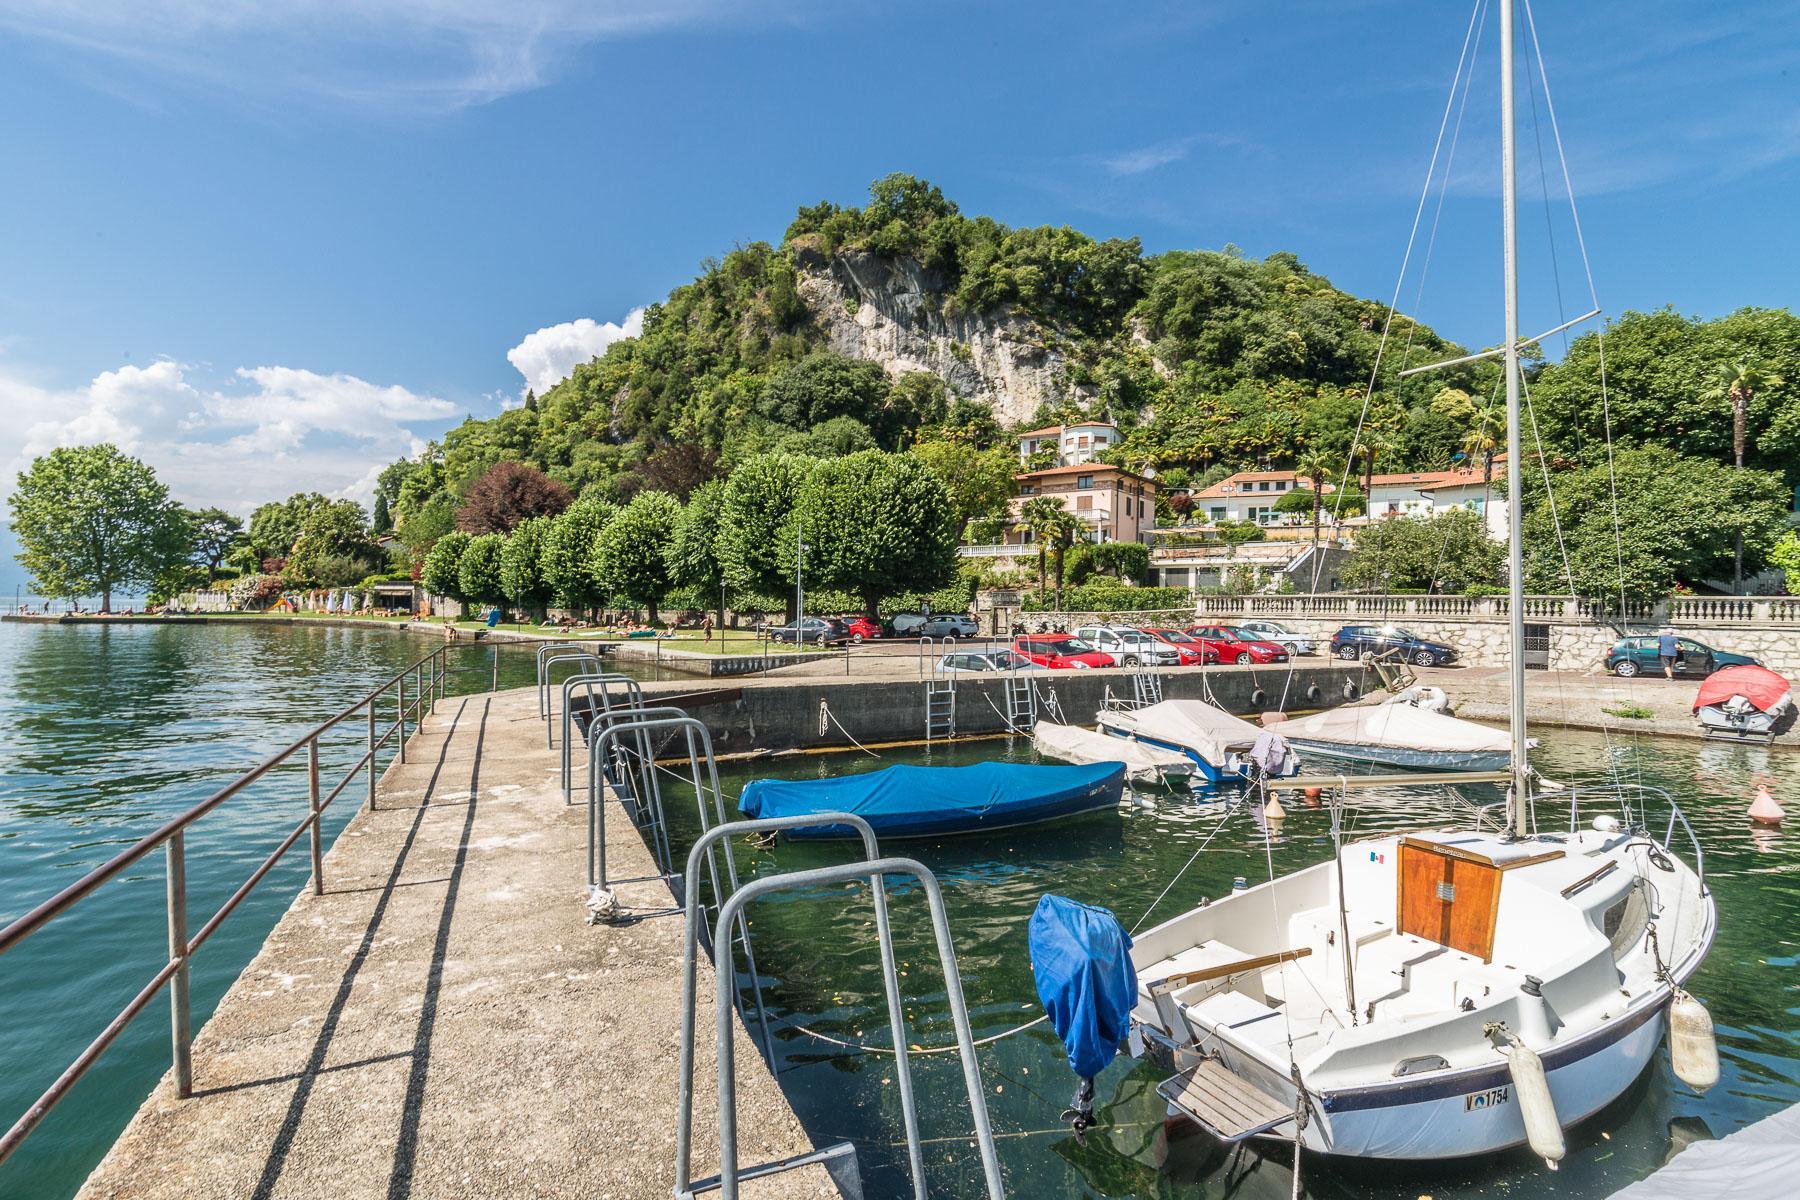 Casa storica direttamente sul lago Maggiore - 35